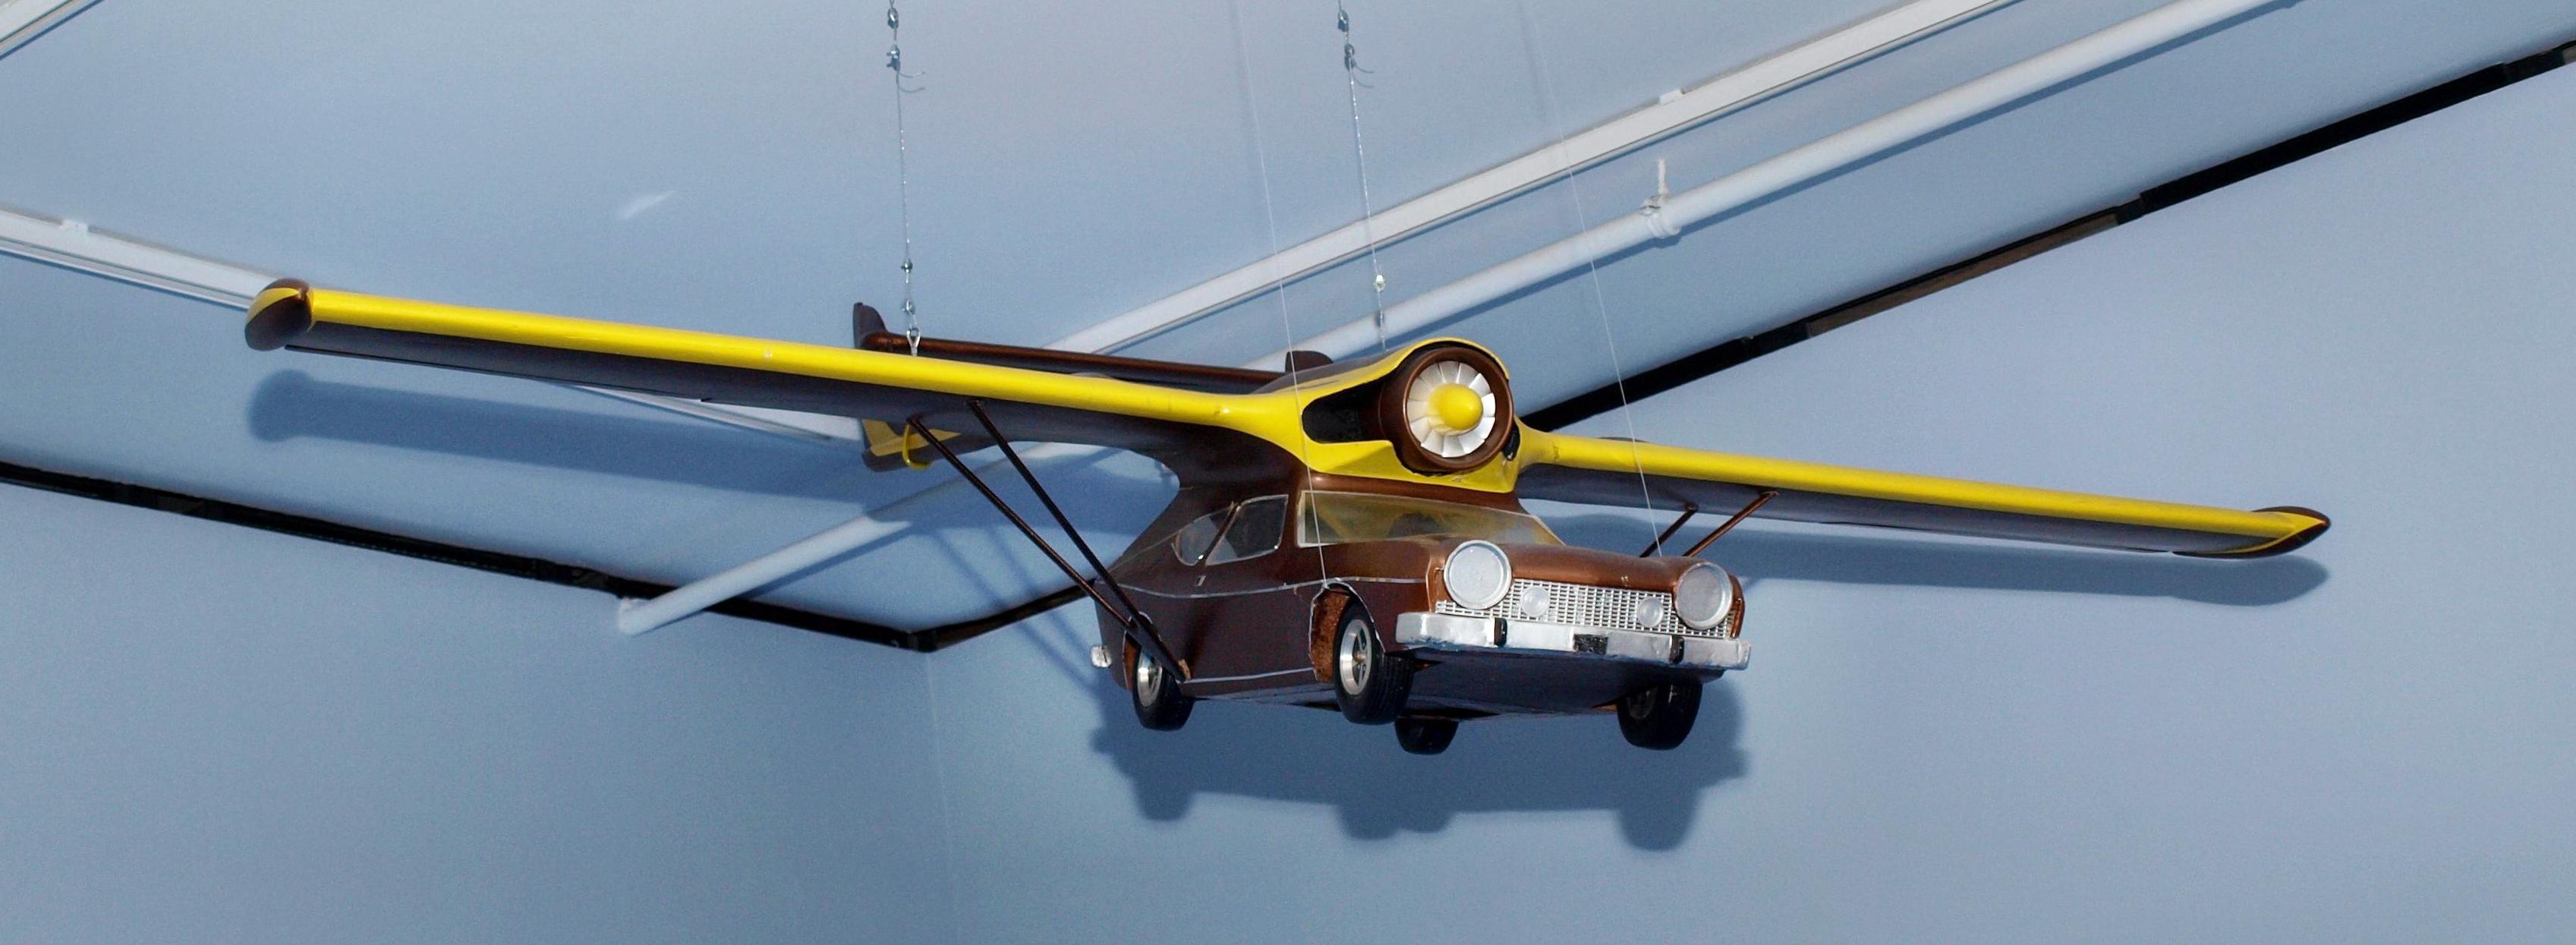 Автомобиль-самолет из «Из человека с золотым пистолетом». Фотография Малец Михаила Георгиевича